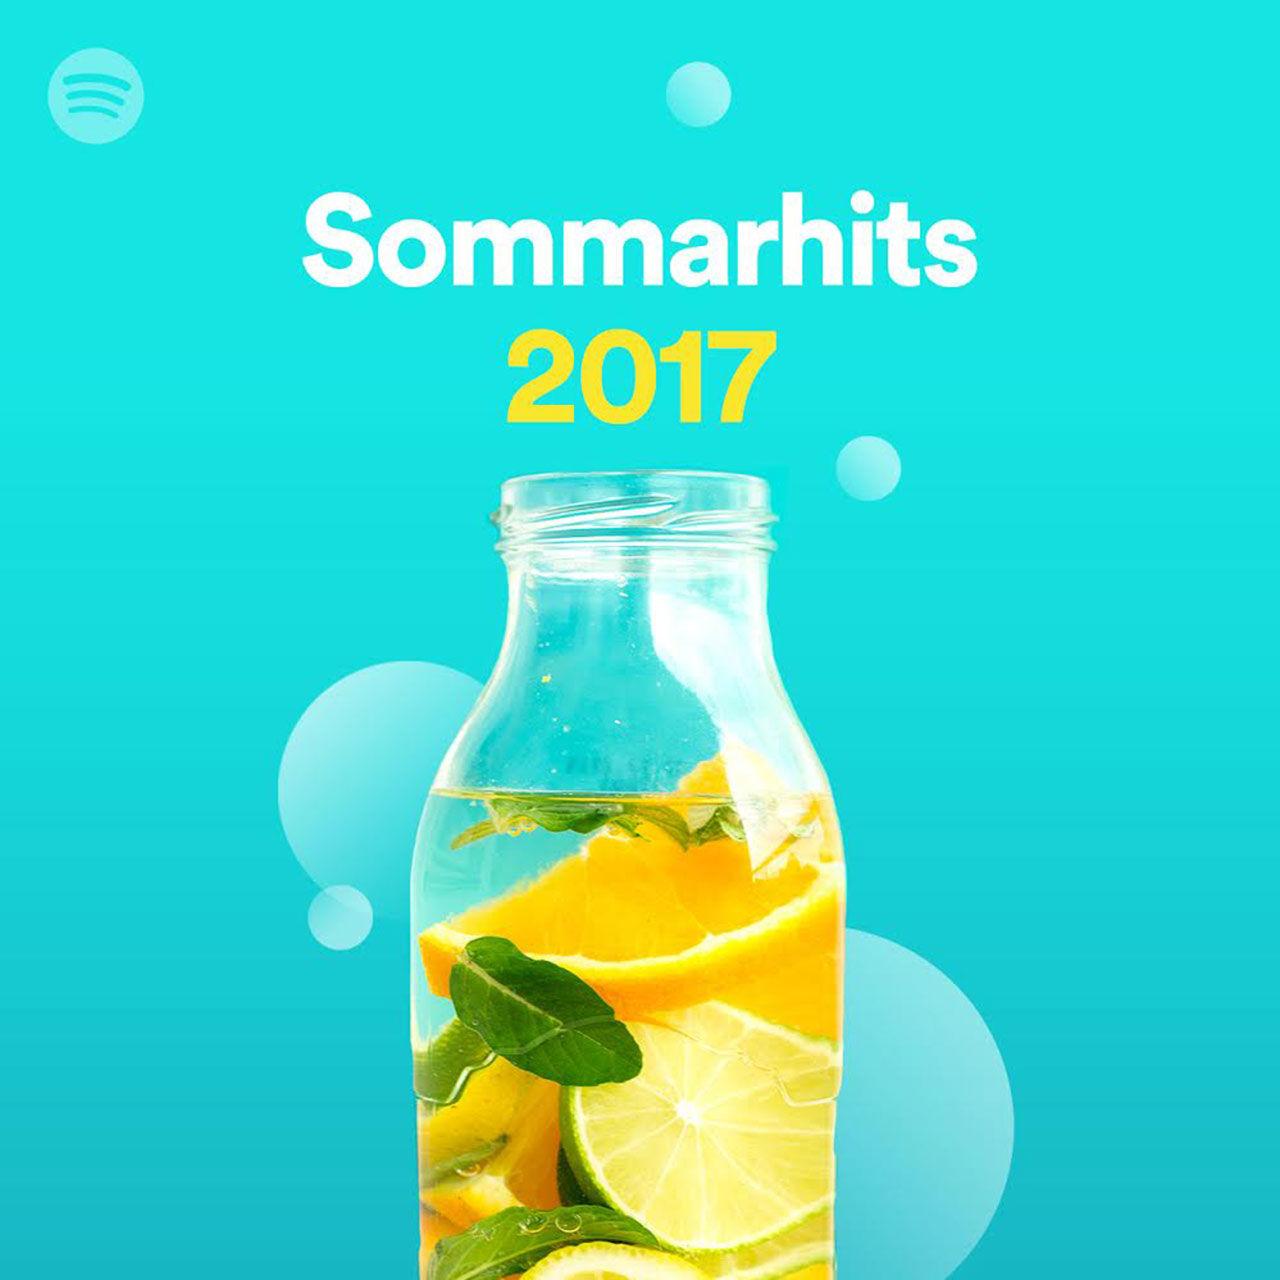 De här låtarna tror Spotify blir årets sommarhits